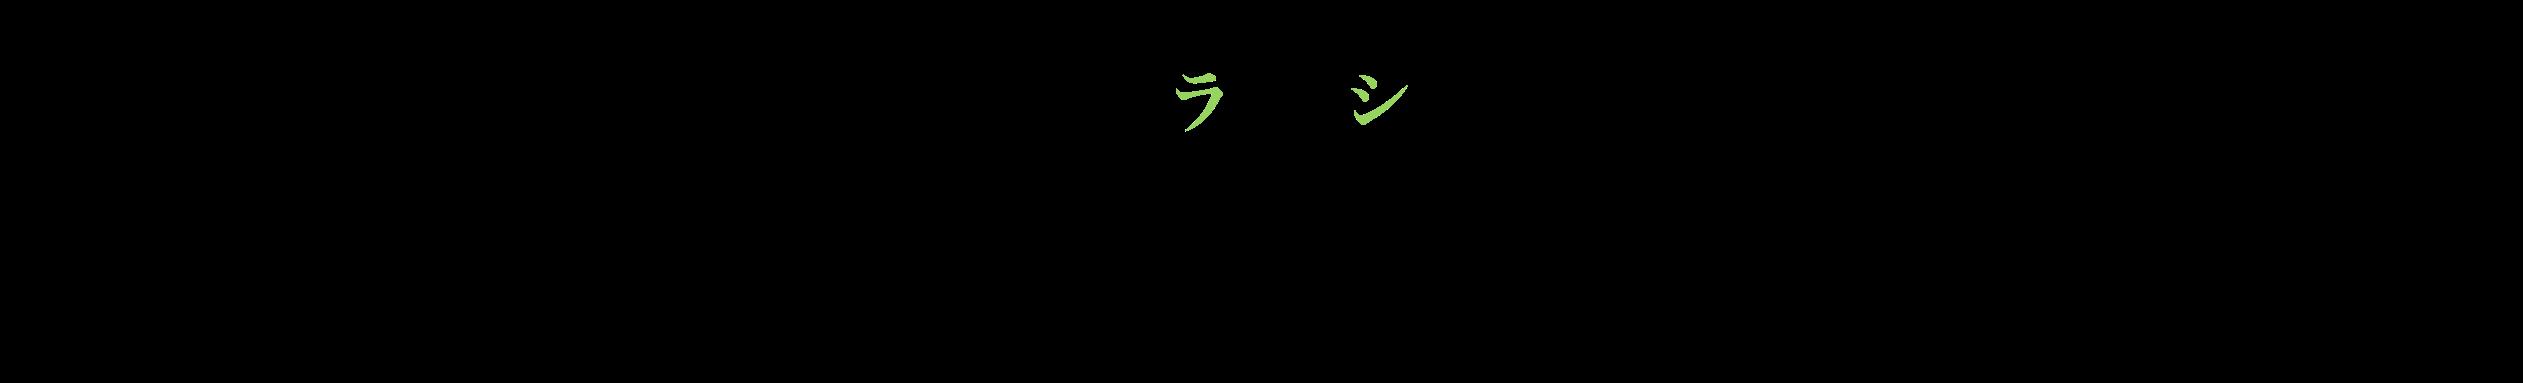 ト音記号のドレミファソラシドレミファソ